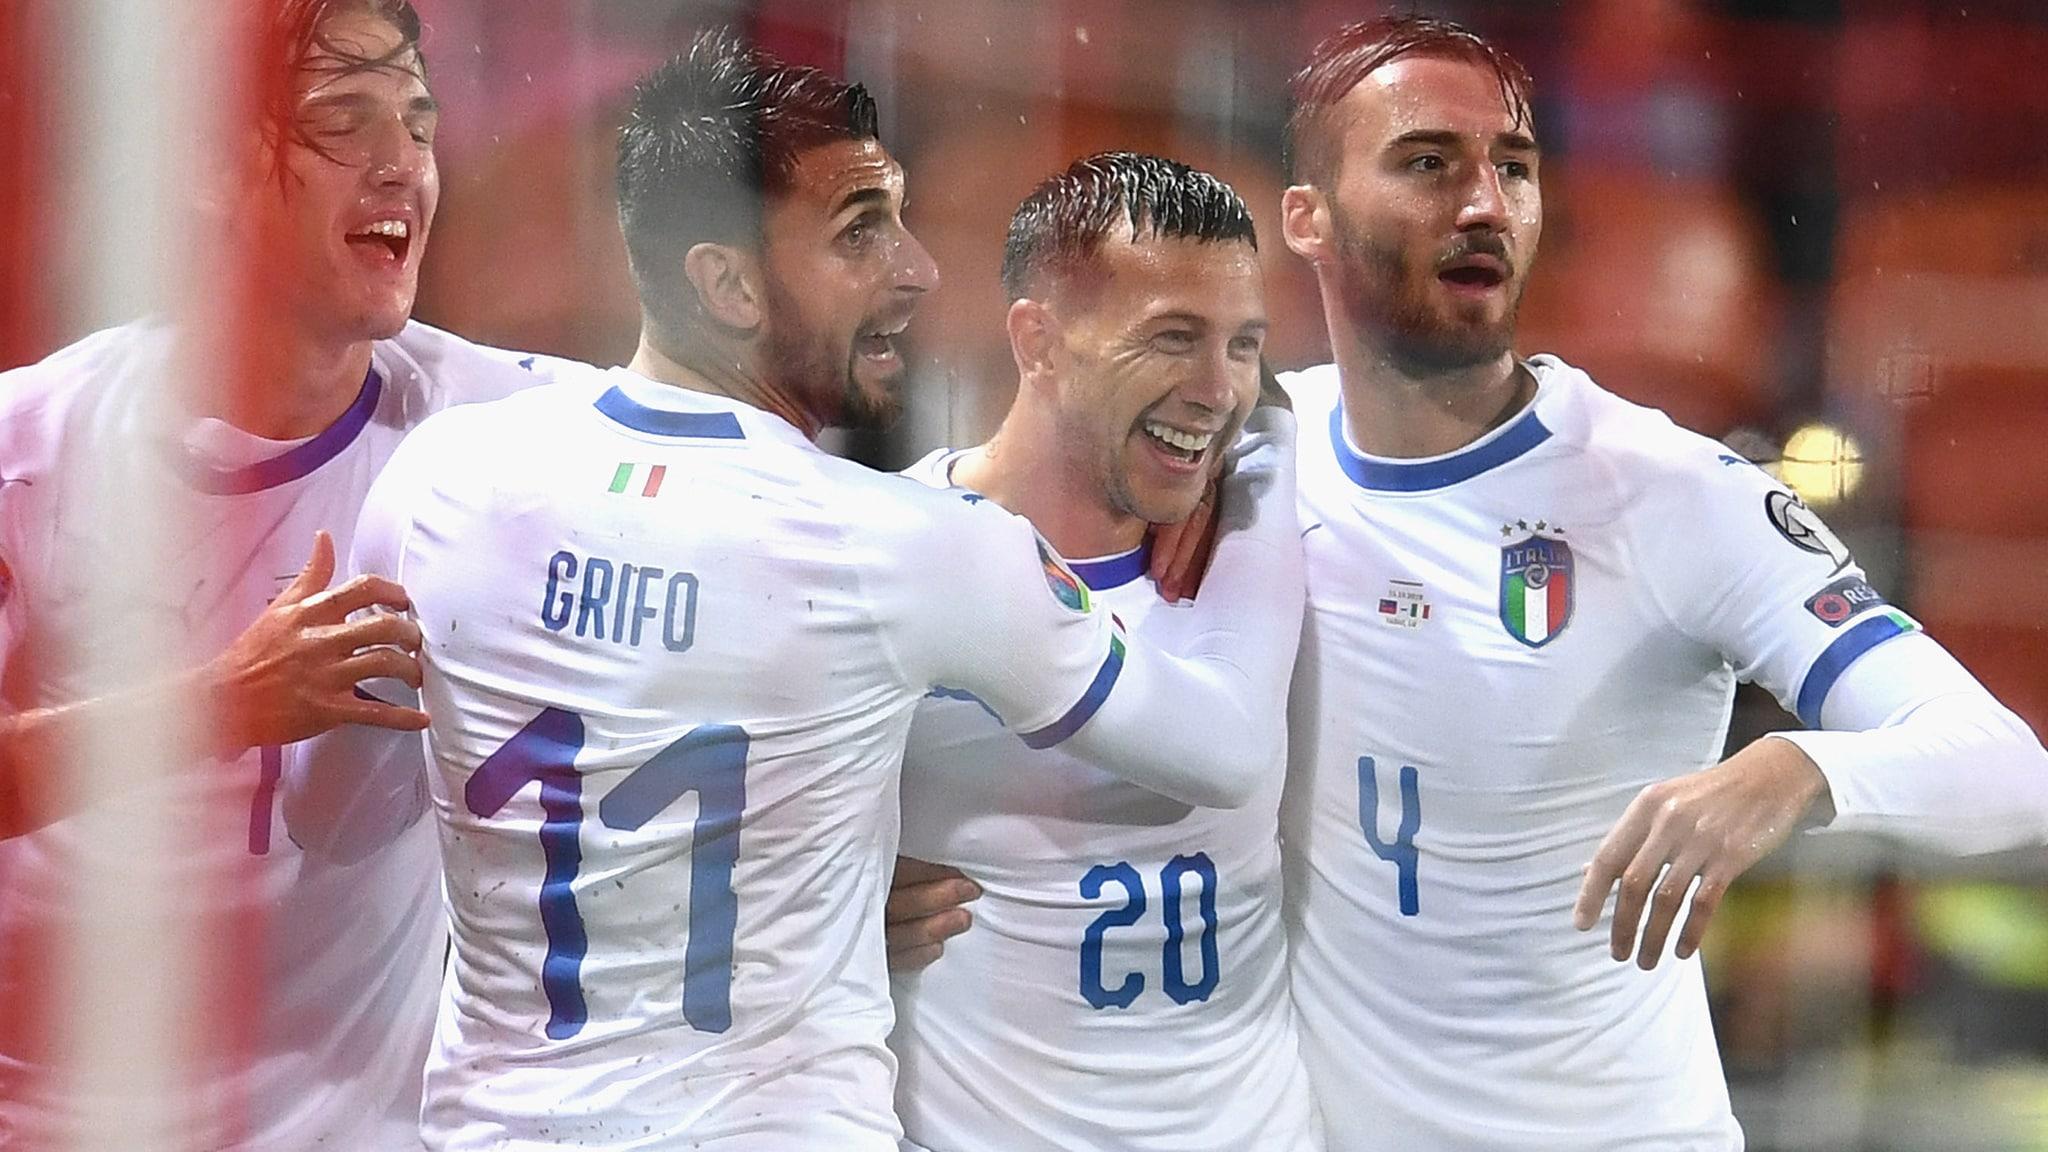 Rai Sport Calcio Nazionale: Qualificazioni Europei 2020 Italia-Grecia